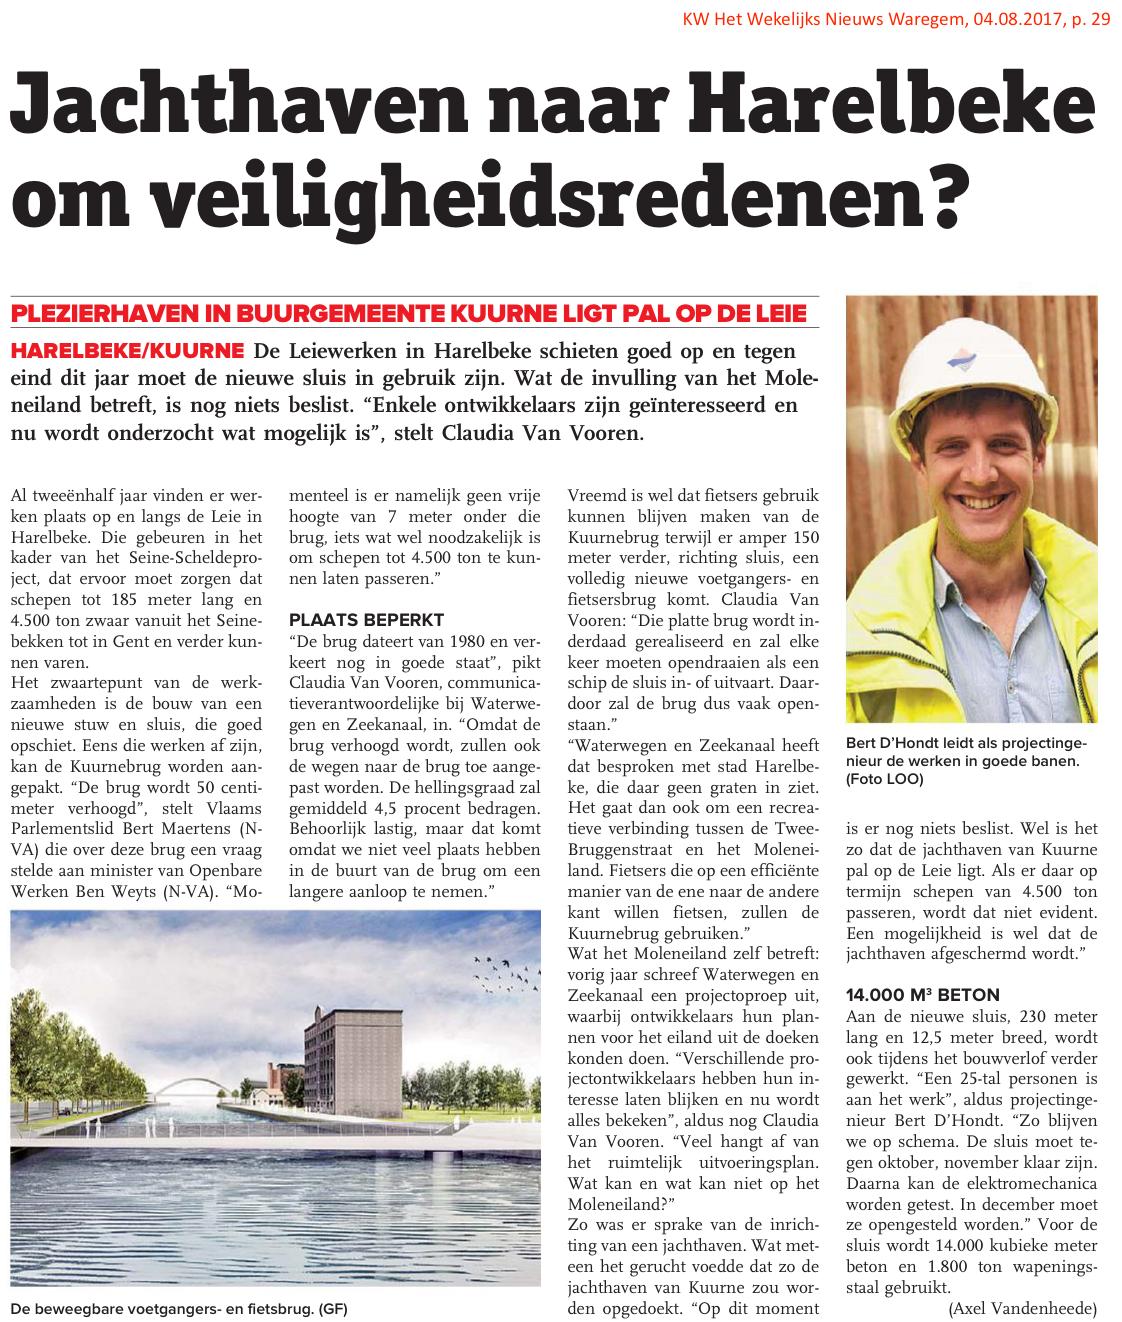 KW Het Wekelijks Nieuws Waregem, 04.08.2017, p. 29